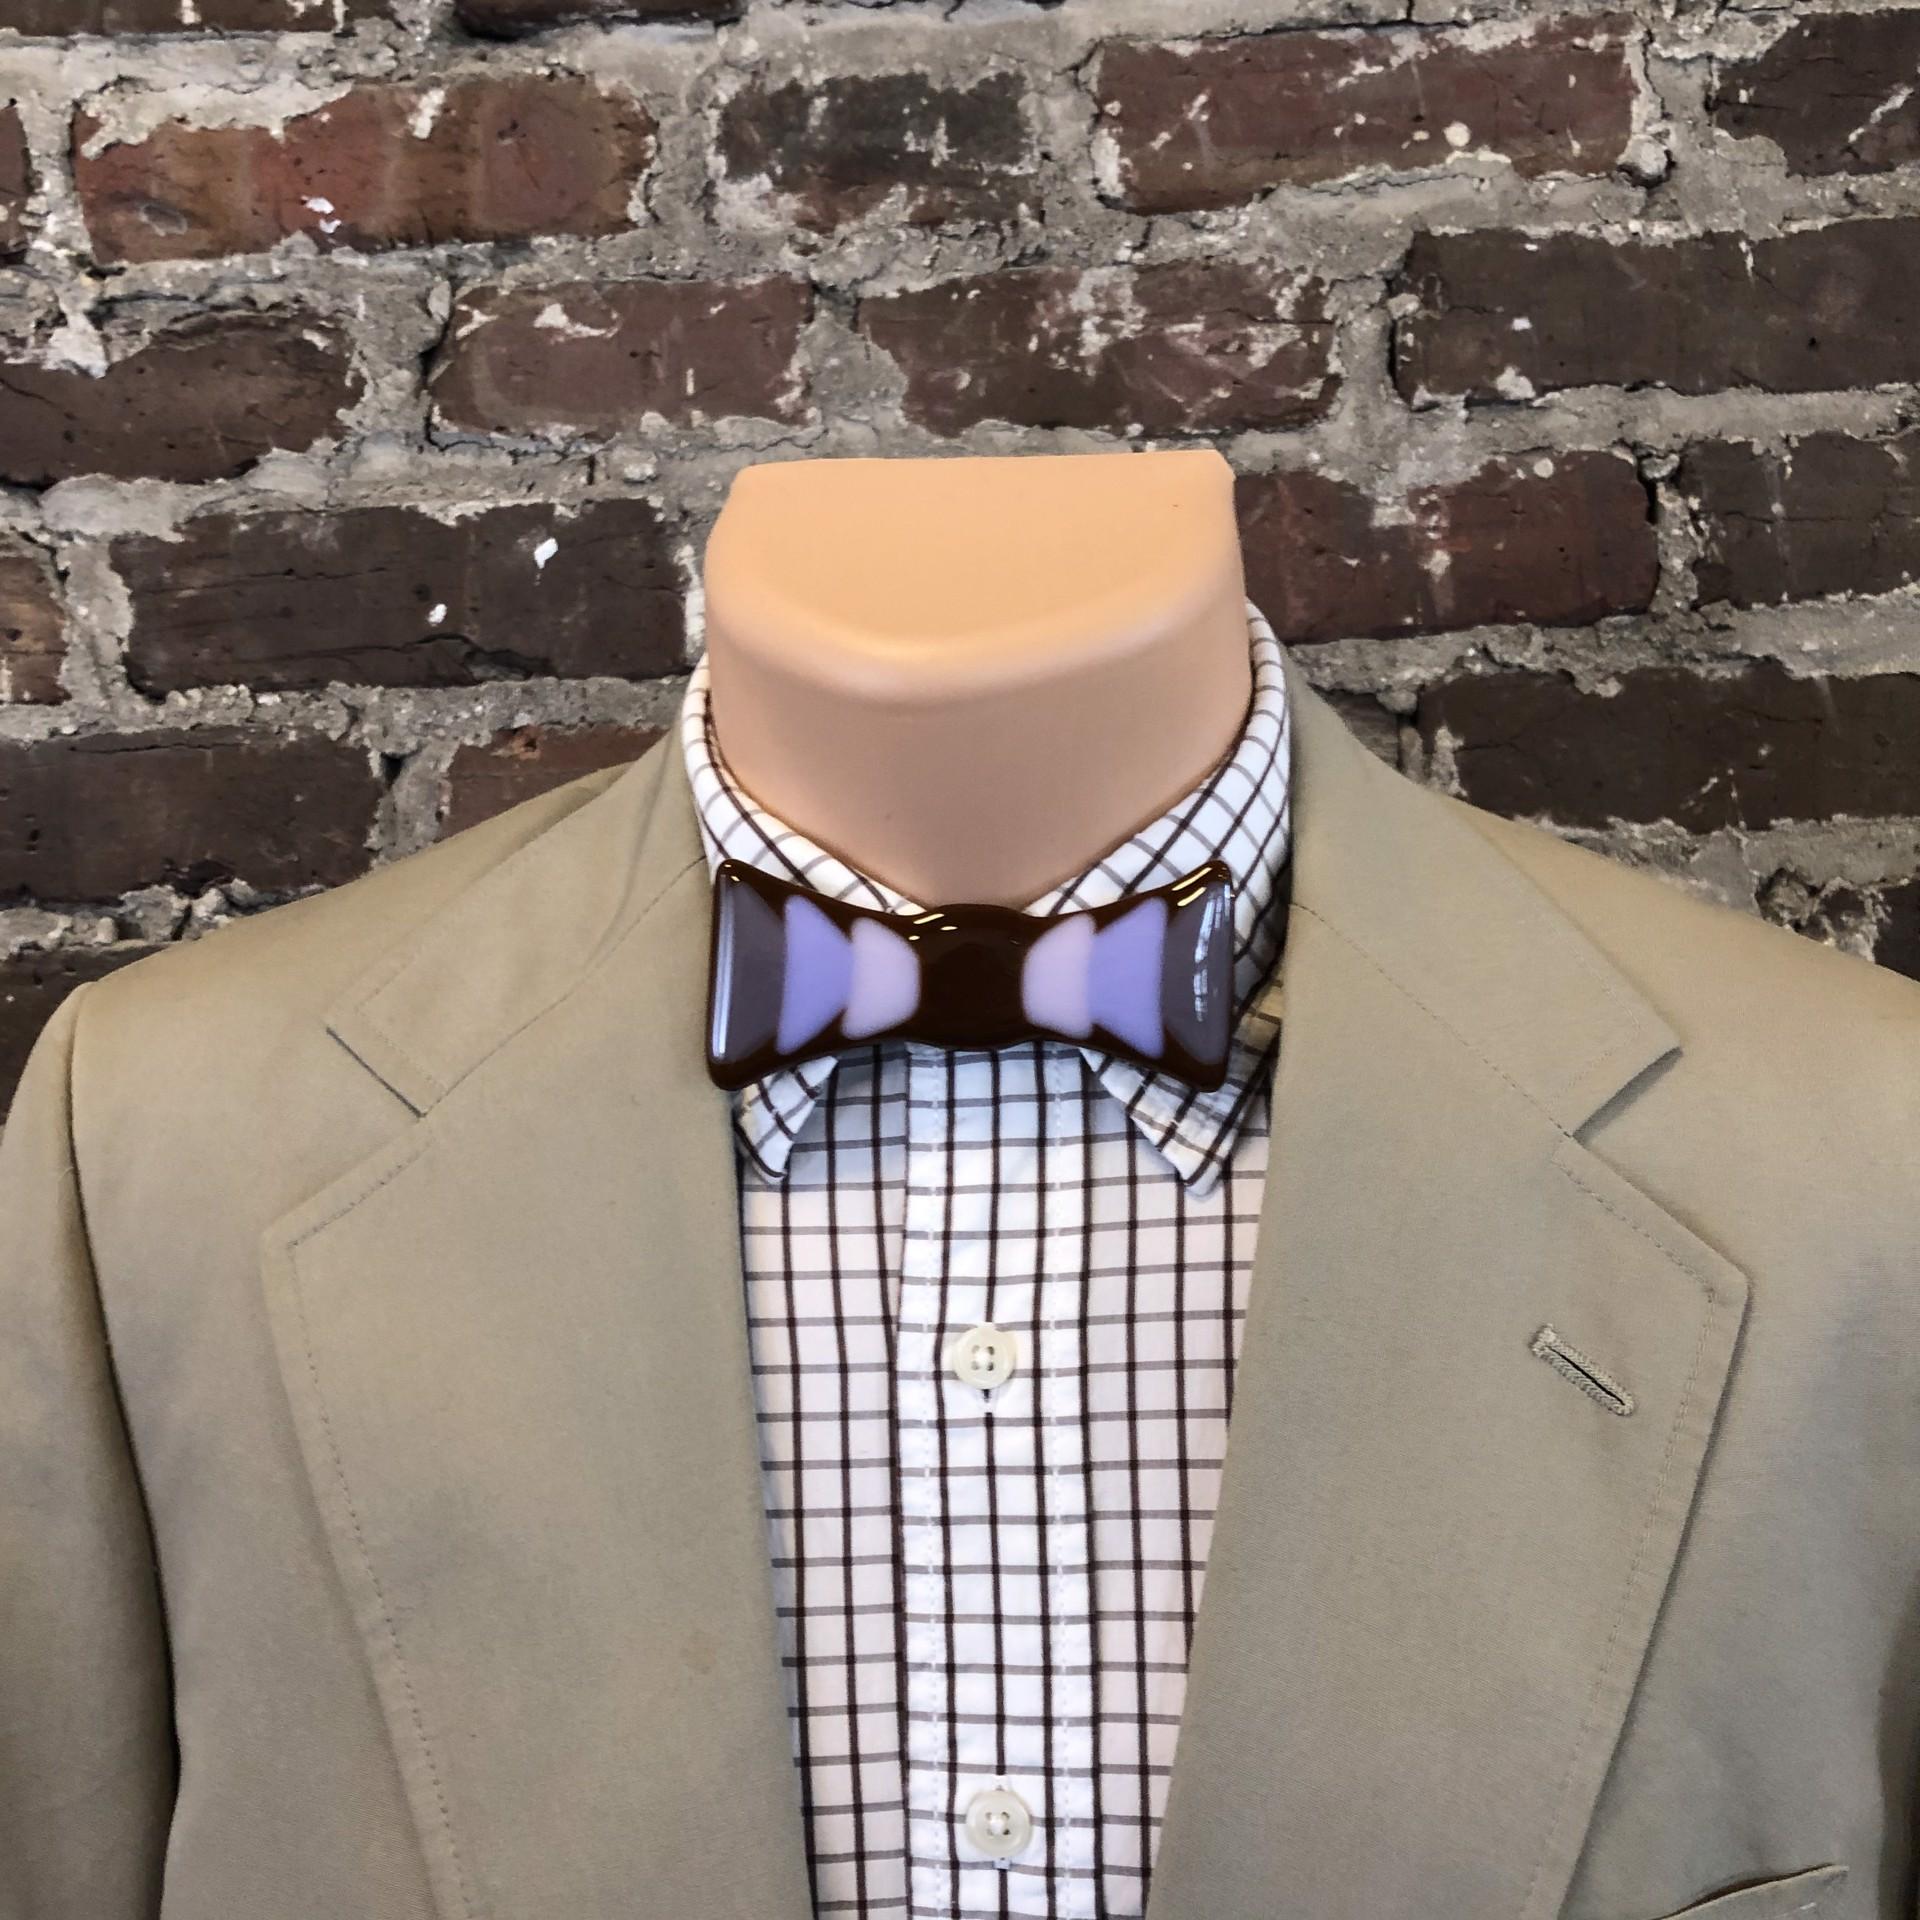 Bow tie 5529 by Keller Lee